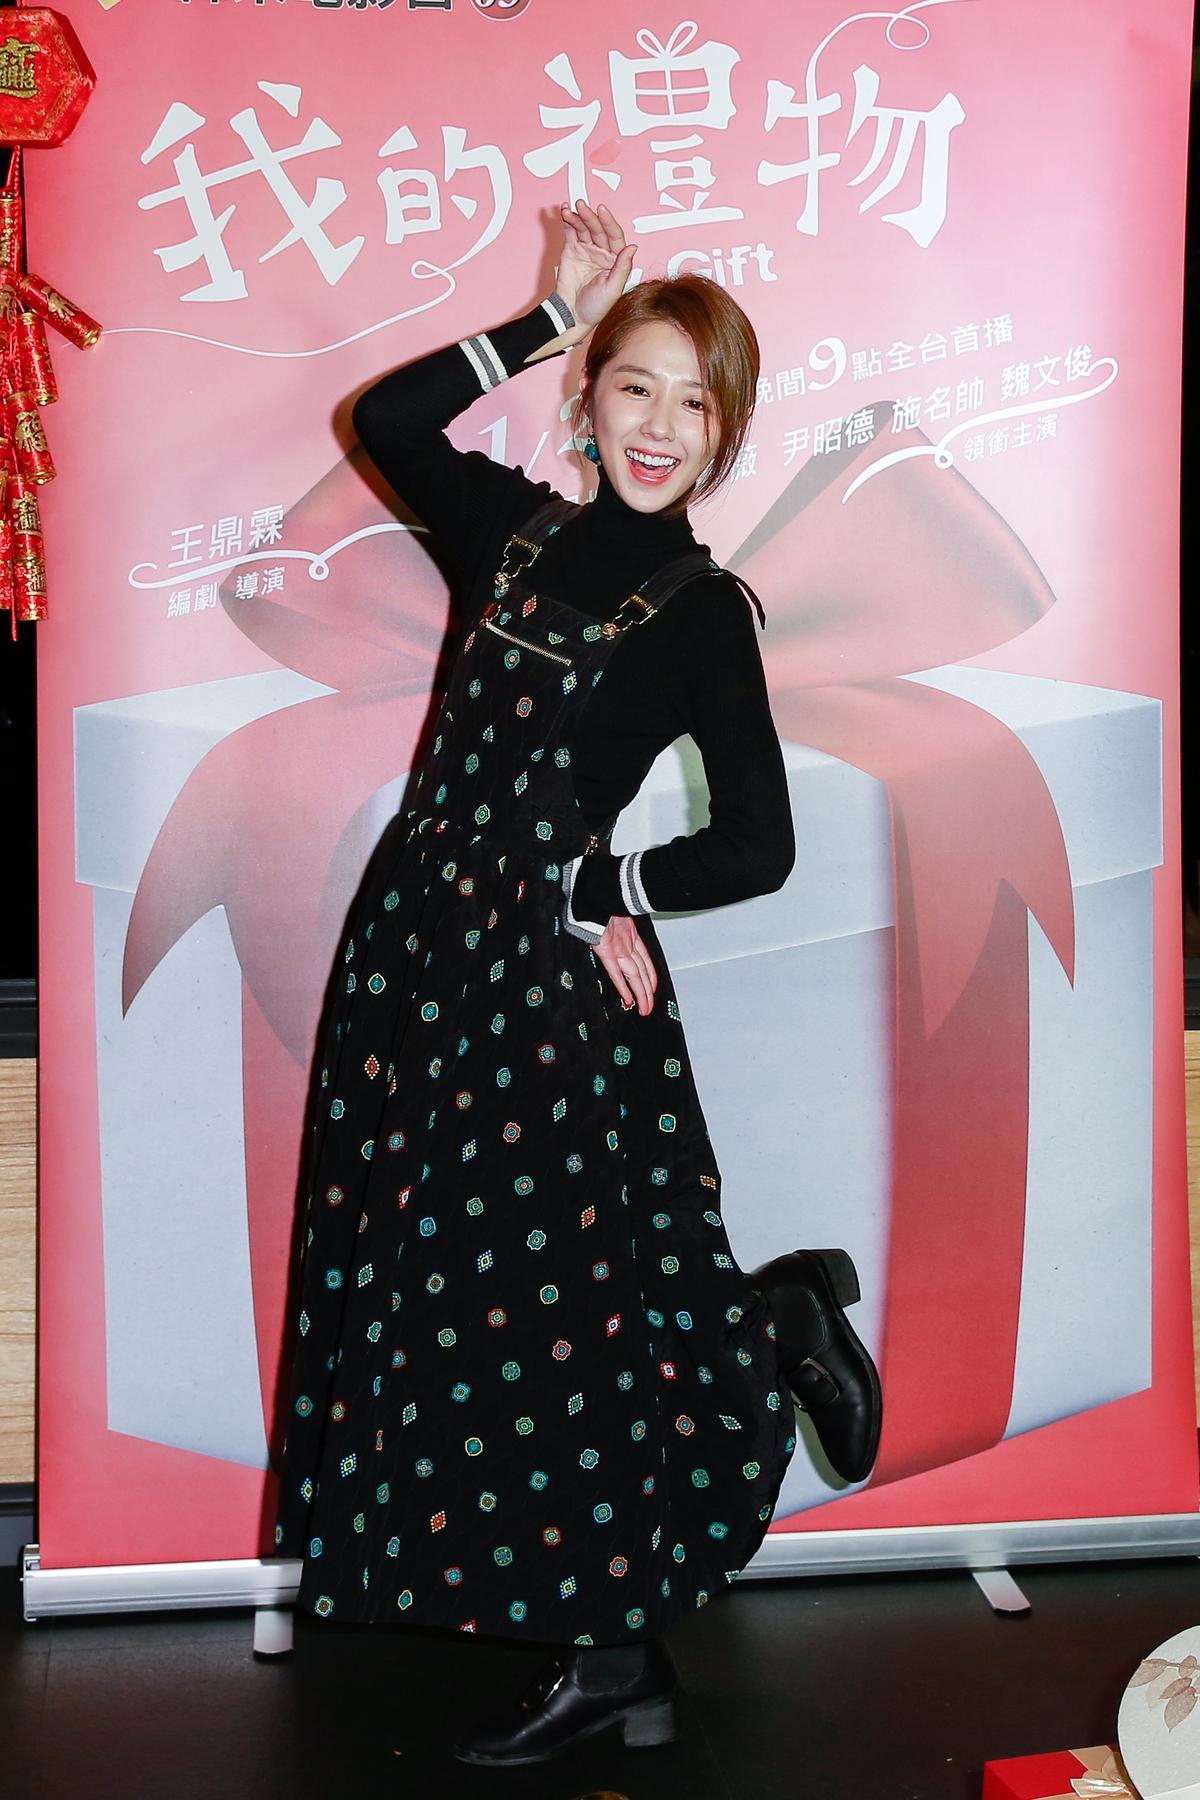 邵雨薇出席緯來電影台《我的禮物》試片會,她腳開開扮雞,手也扮起雞冠,有一股特殊萌味。